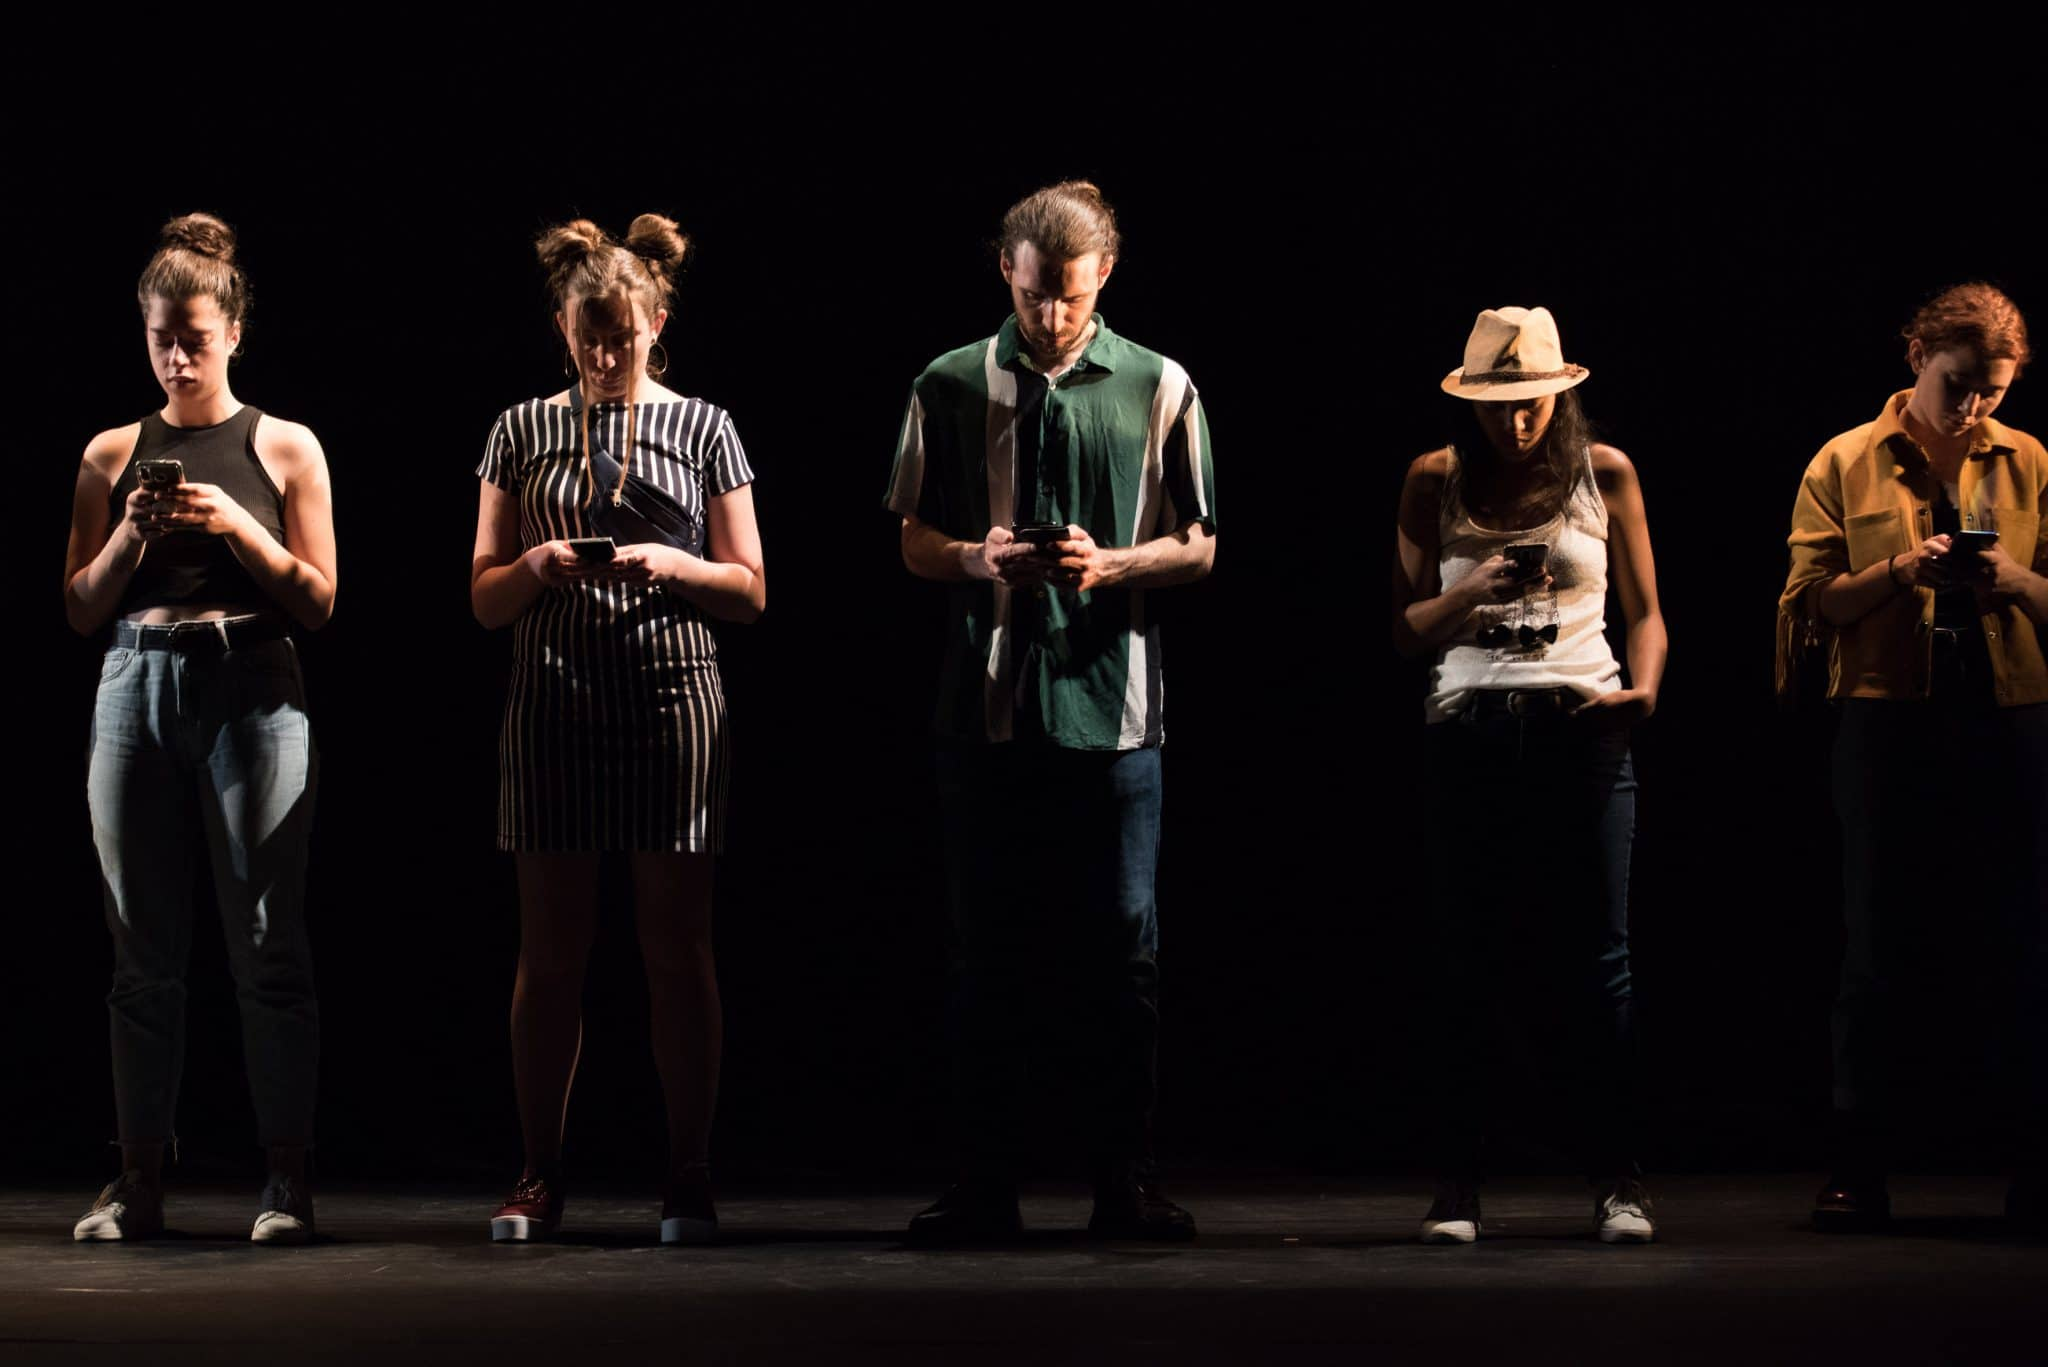 Pièce de théatre mise en scène par Marion N'Guyen. Avec les élèves D'Orchestra Promo 2019